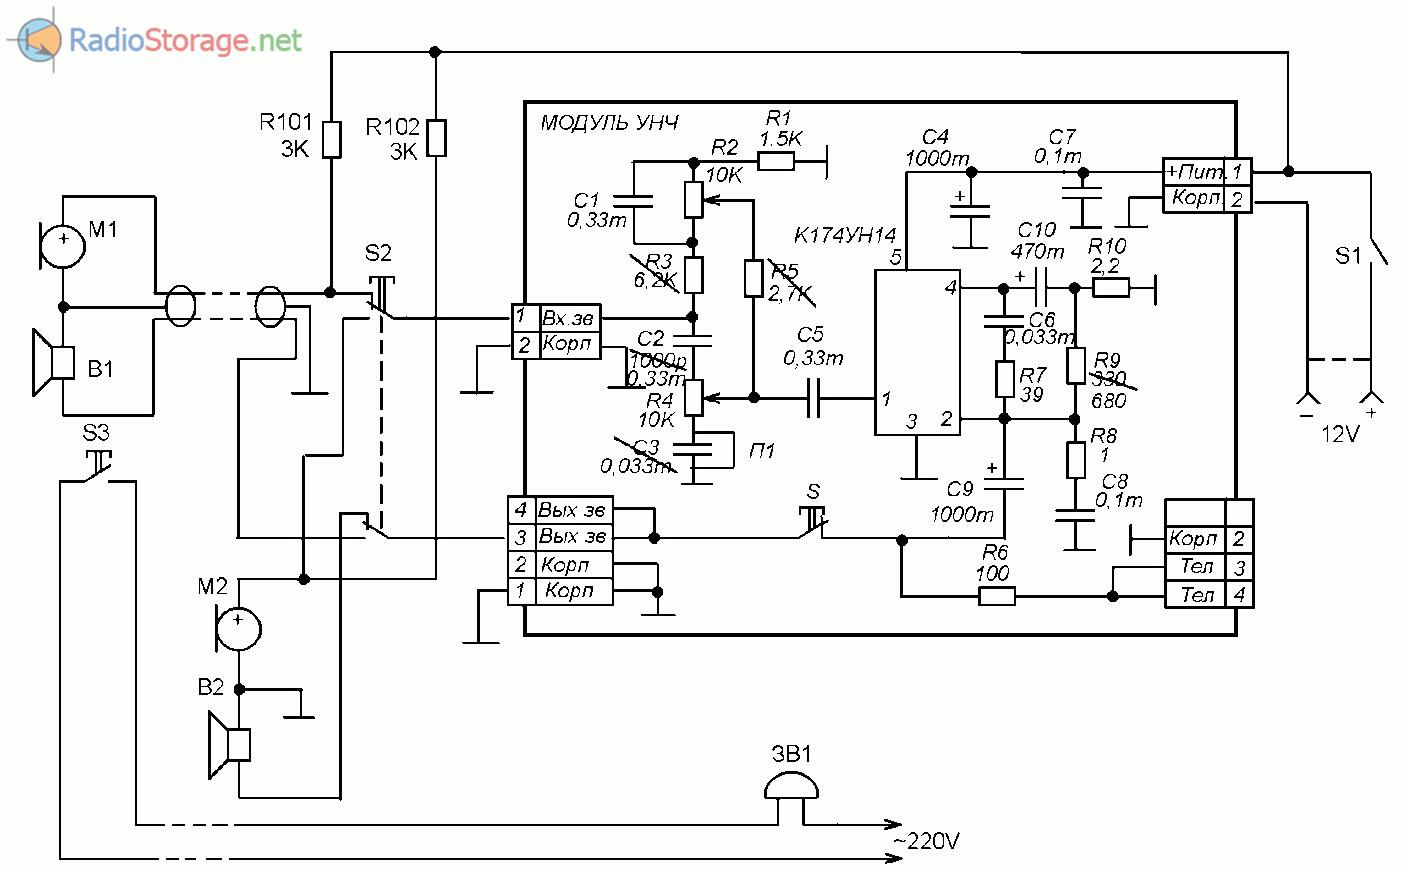 Переговорное устройство (домофон) из УНЧ от старого ТВ (К174УН14)